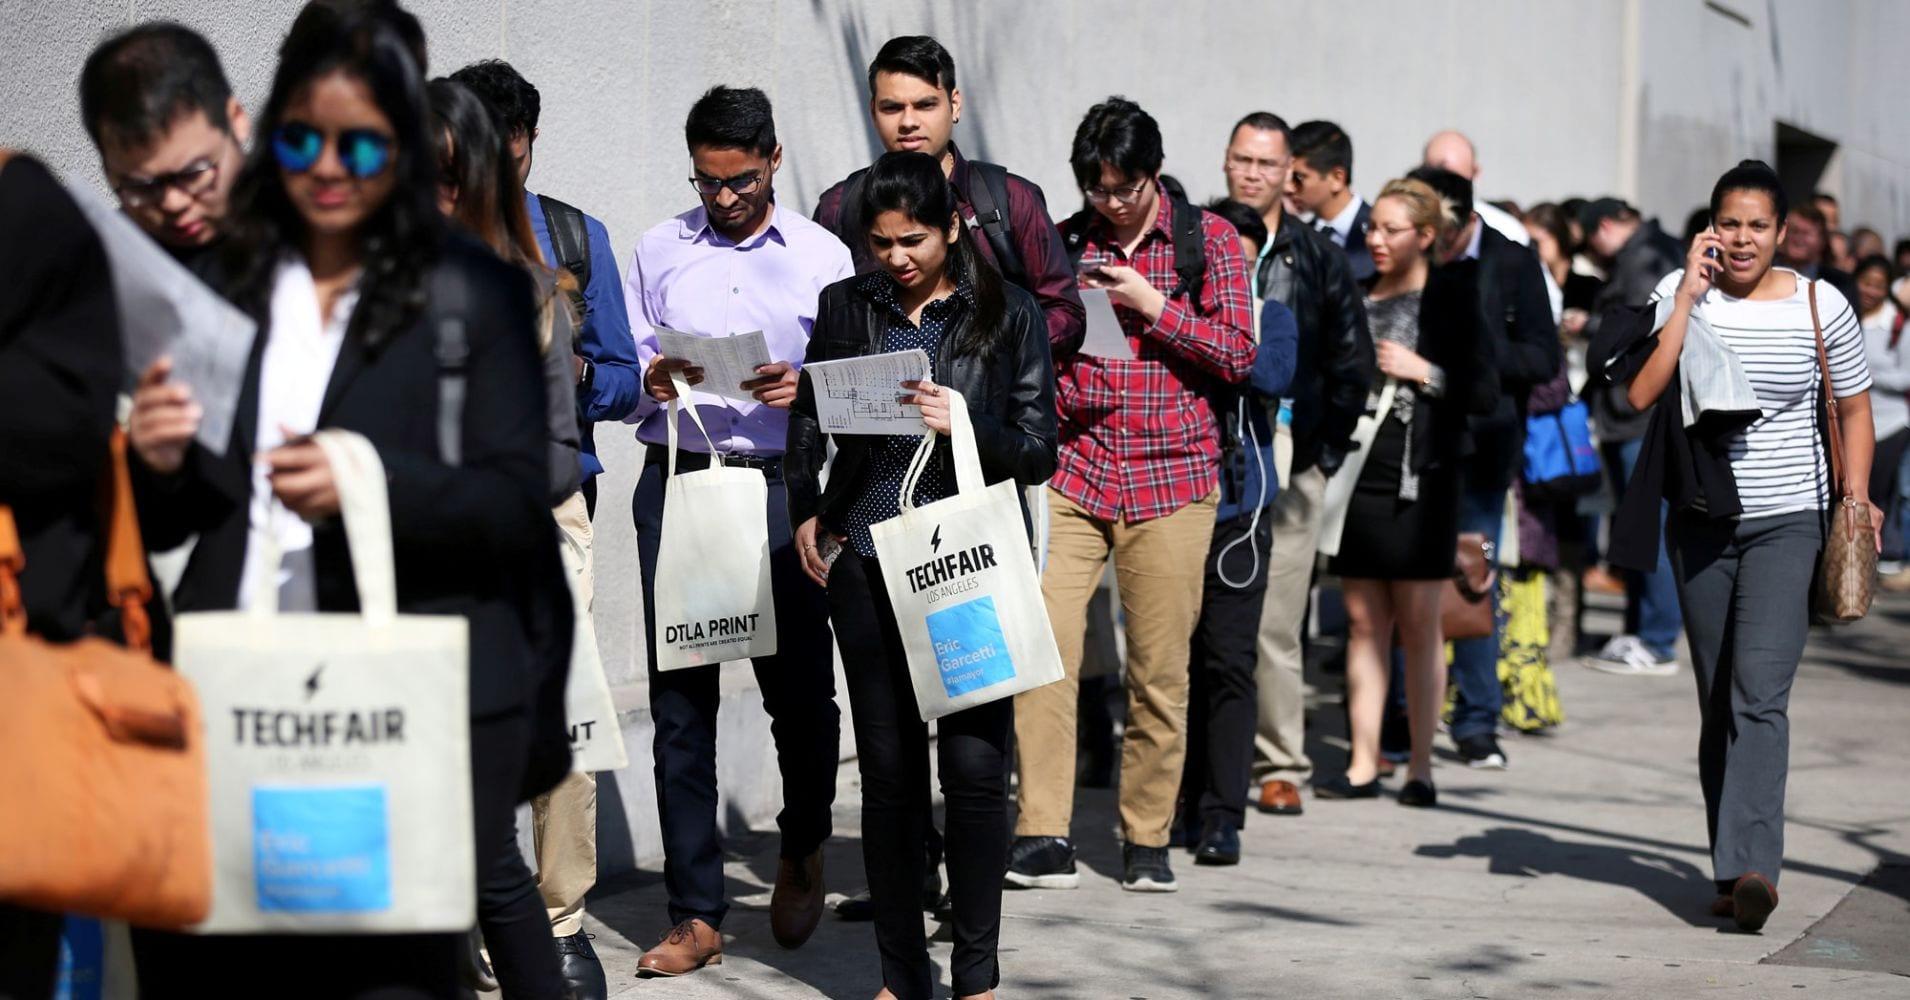 Solo en Nueva York se han perdido 500 mil puestos de trabajo desde que comenzó la pandemia.